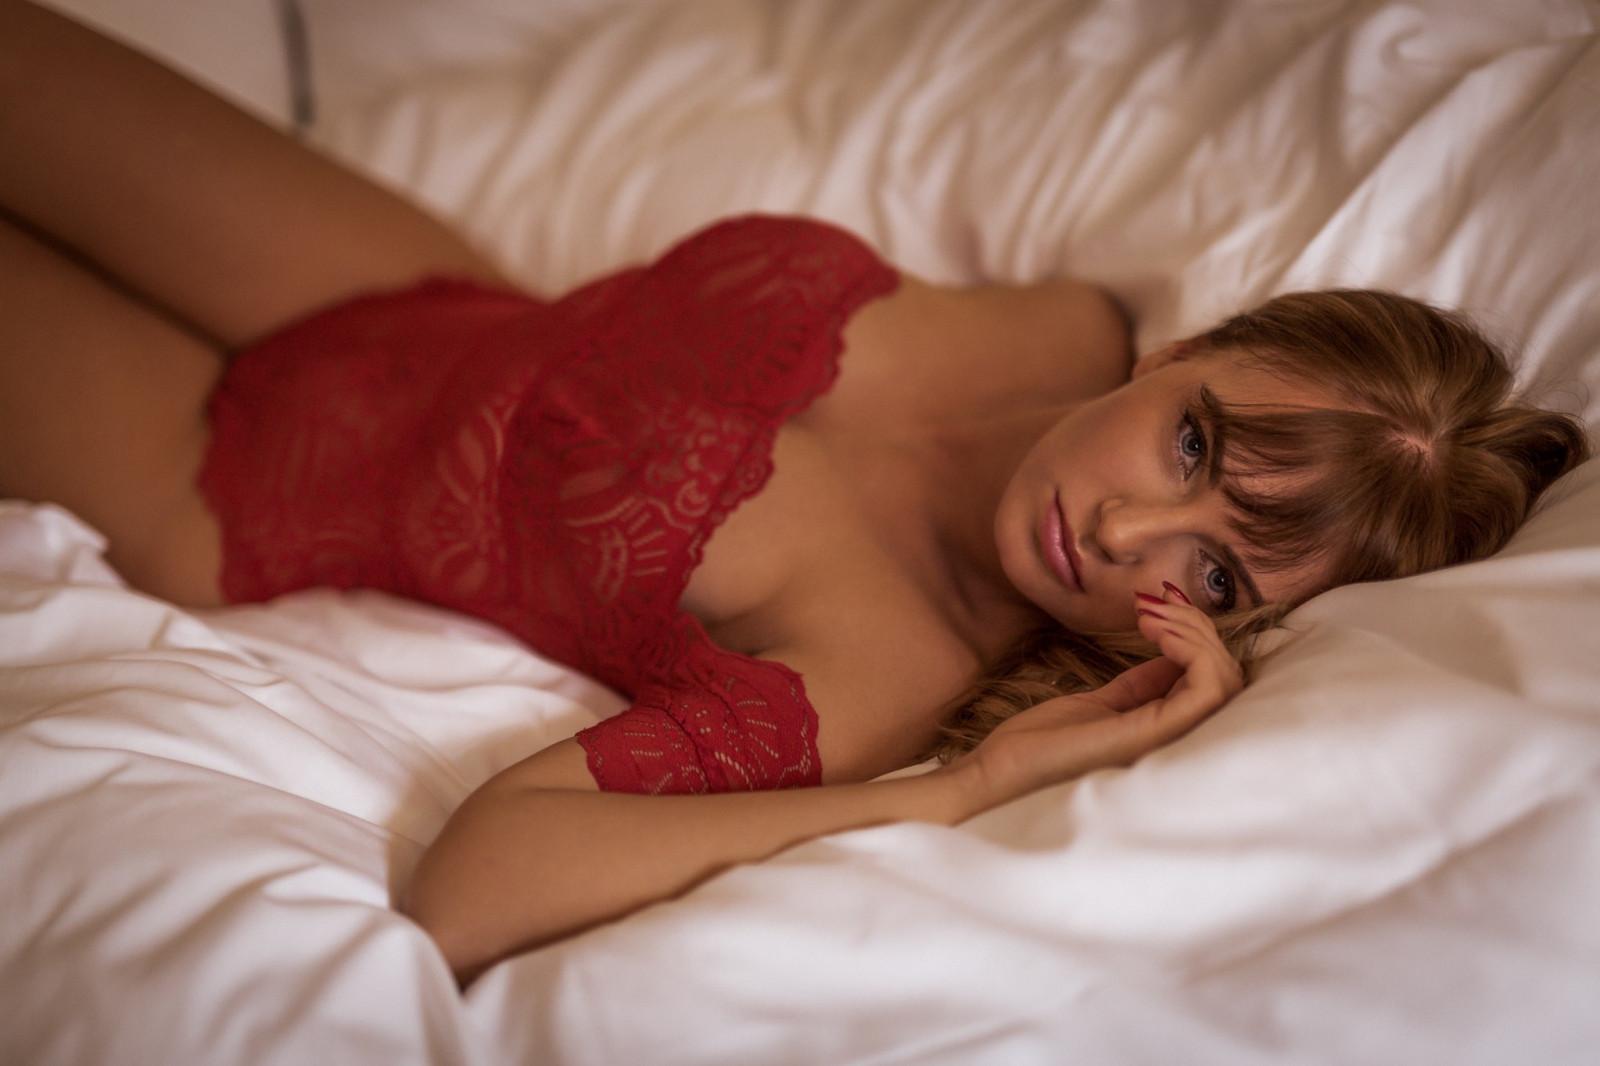 крупный план женщин спящих голыми когда-нибудь